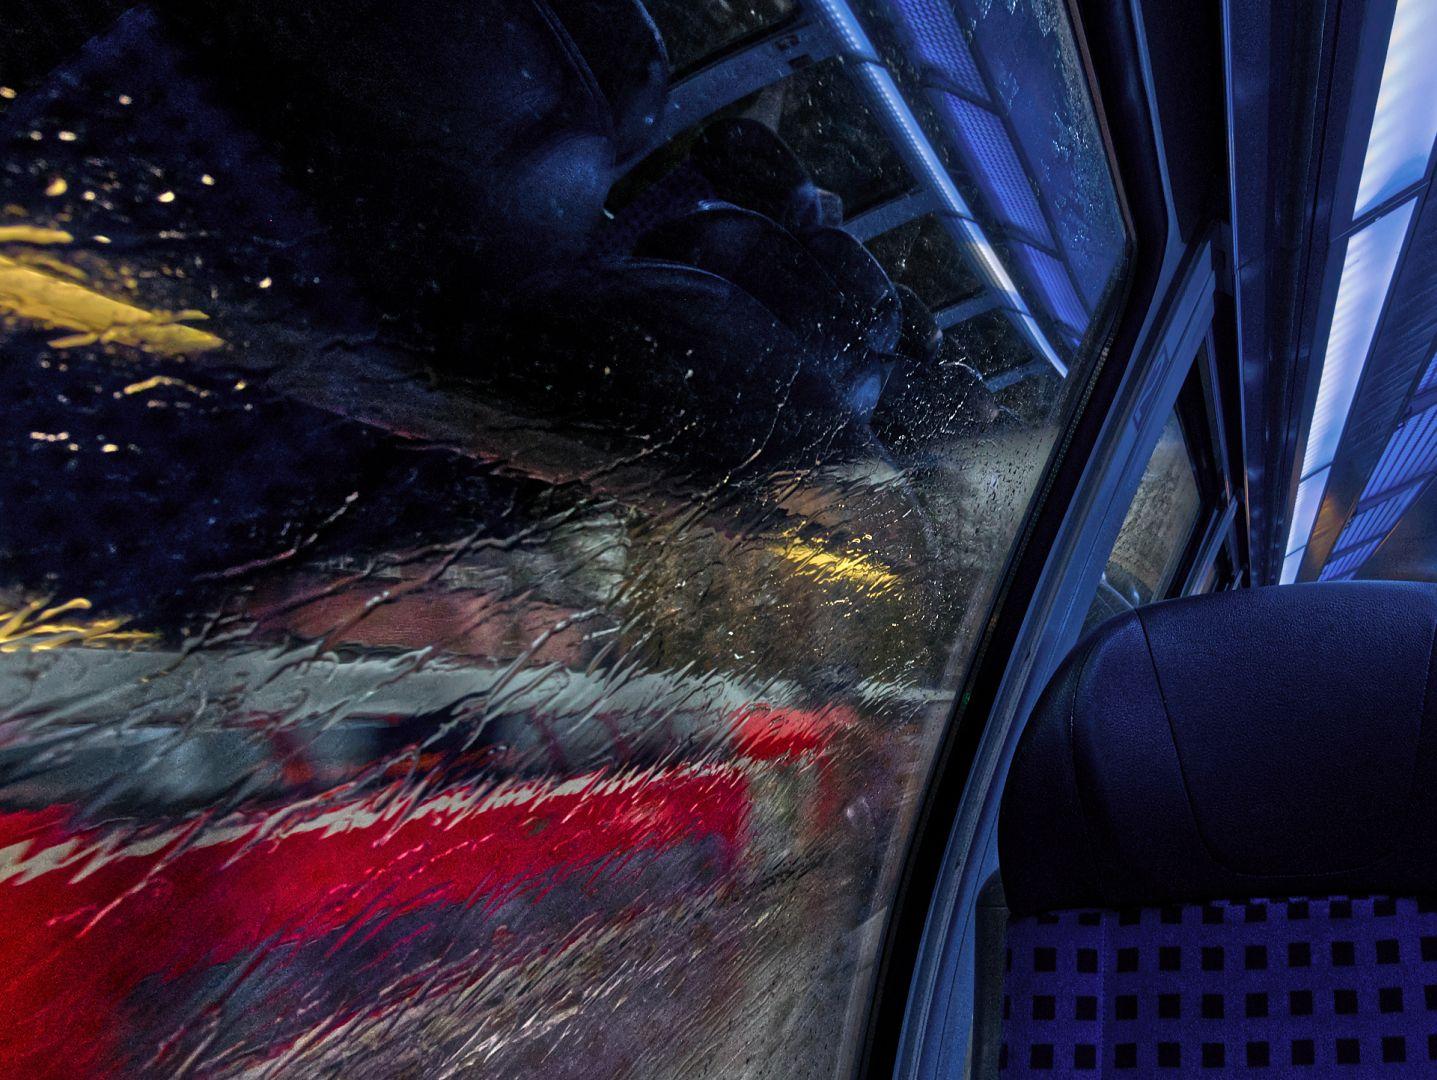 F 014 - Michael Heim - Fahrt im Regen